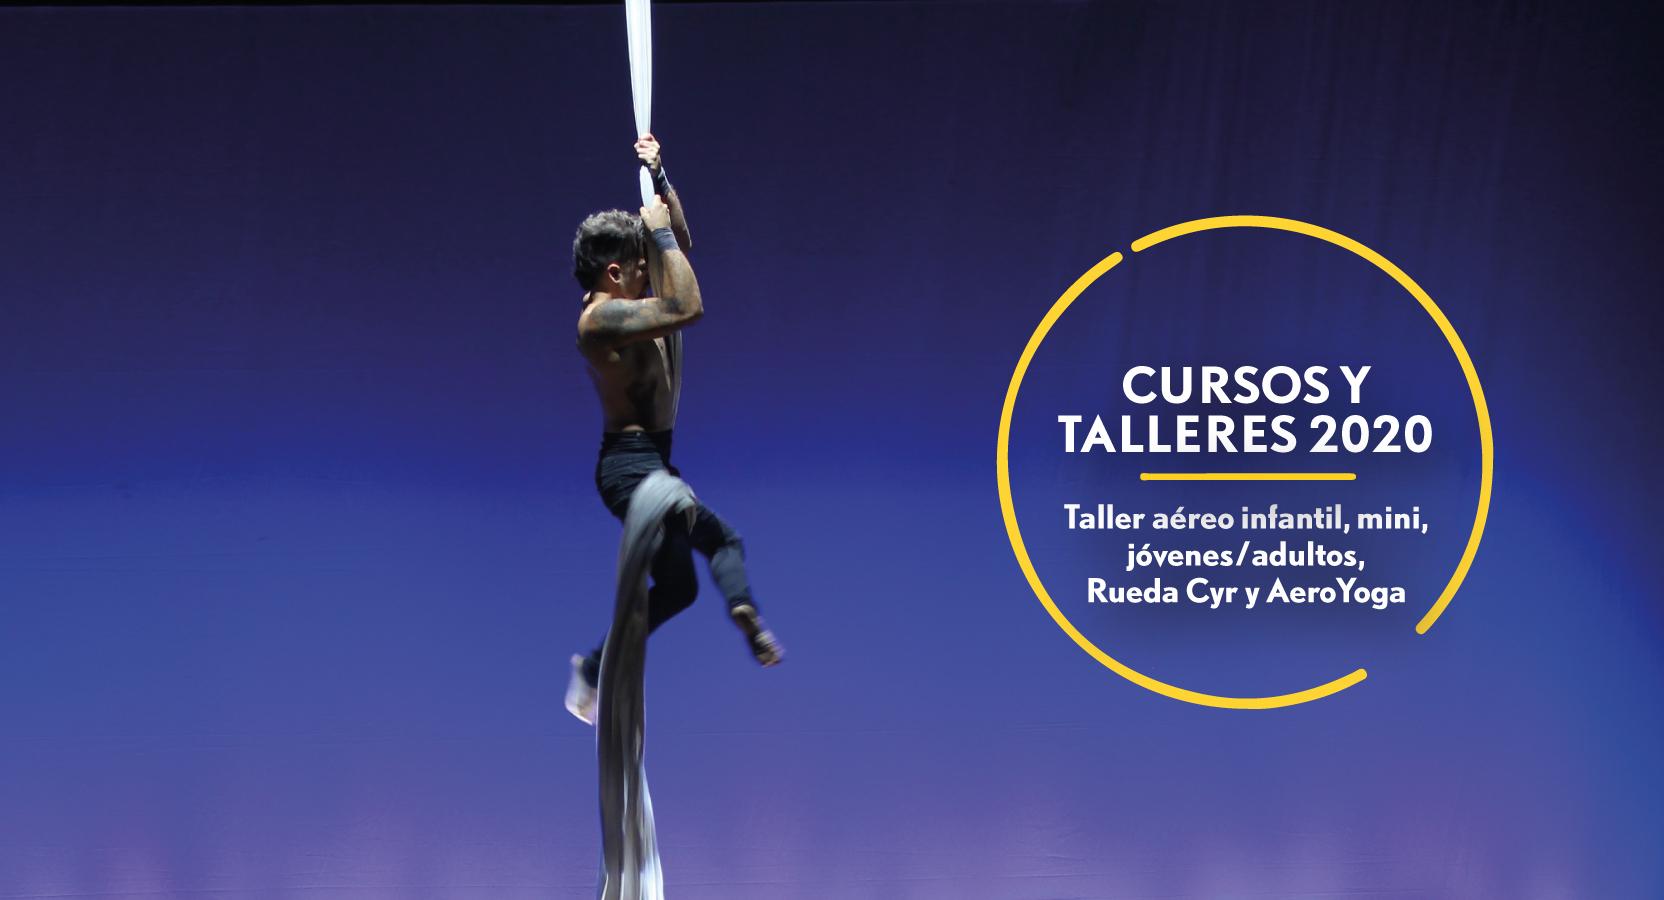 banner_cursosytalleres